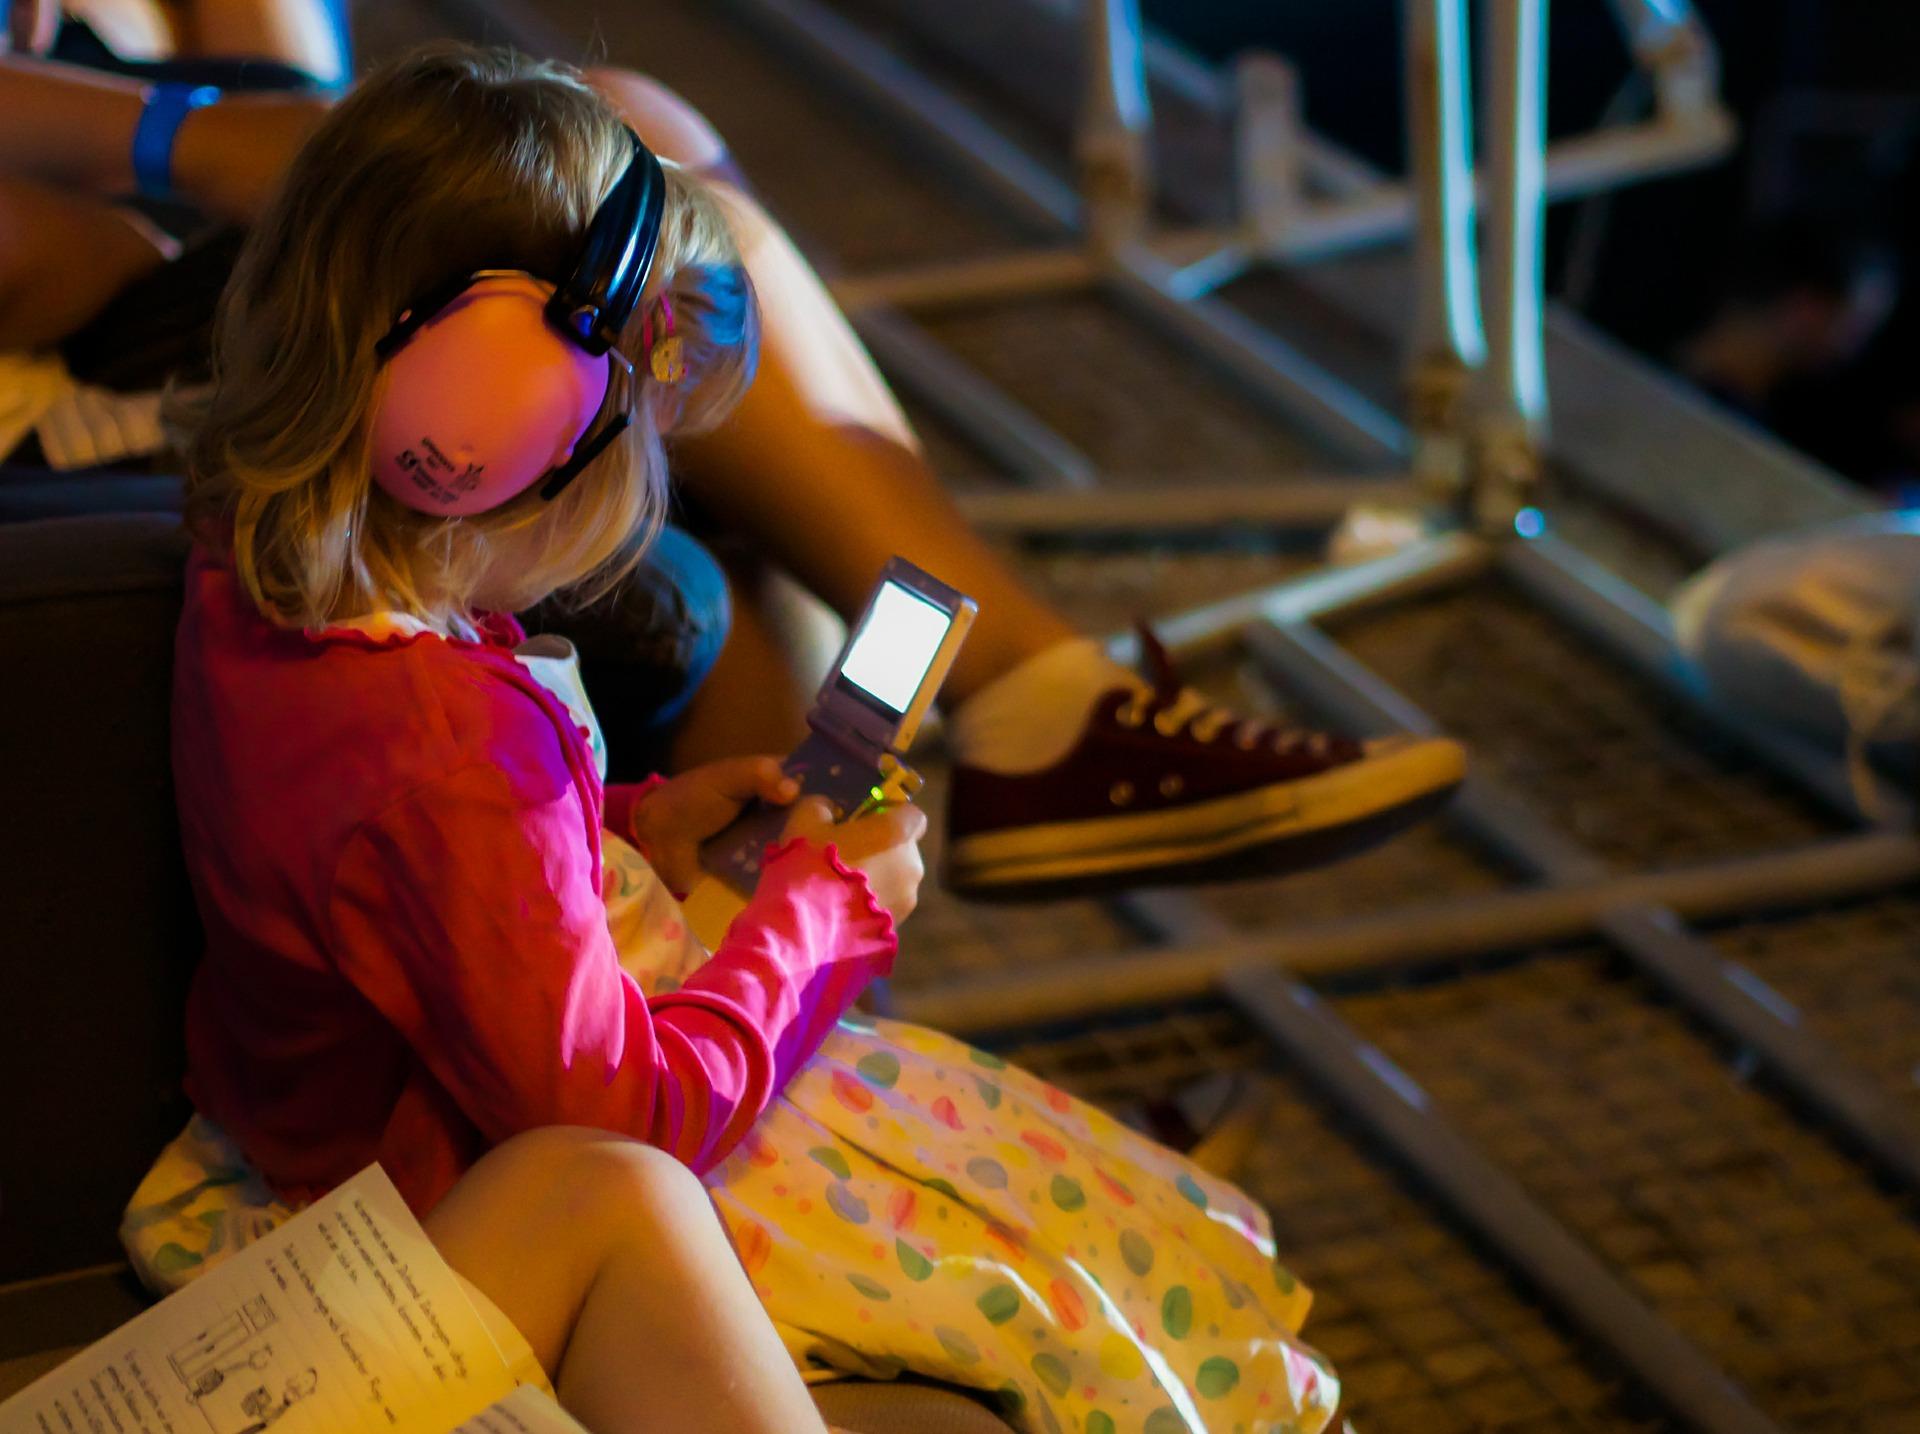 child_phone.jpg